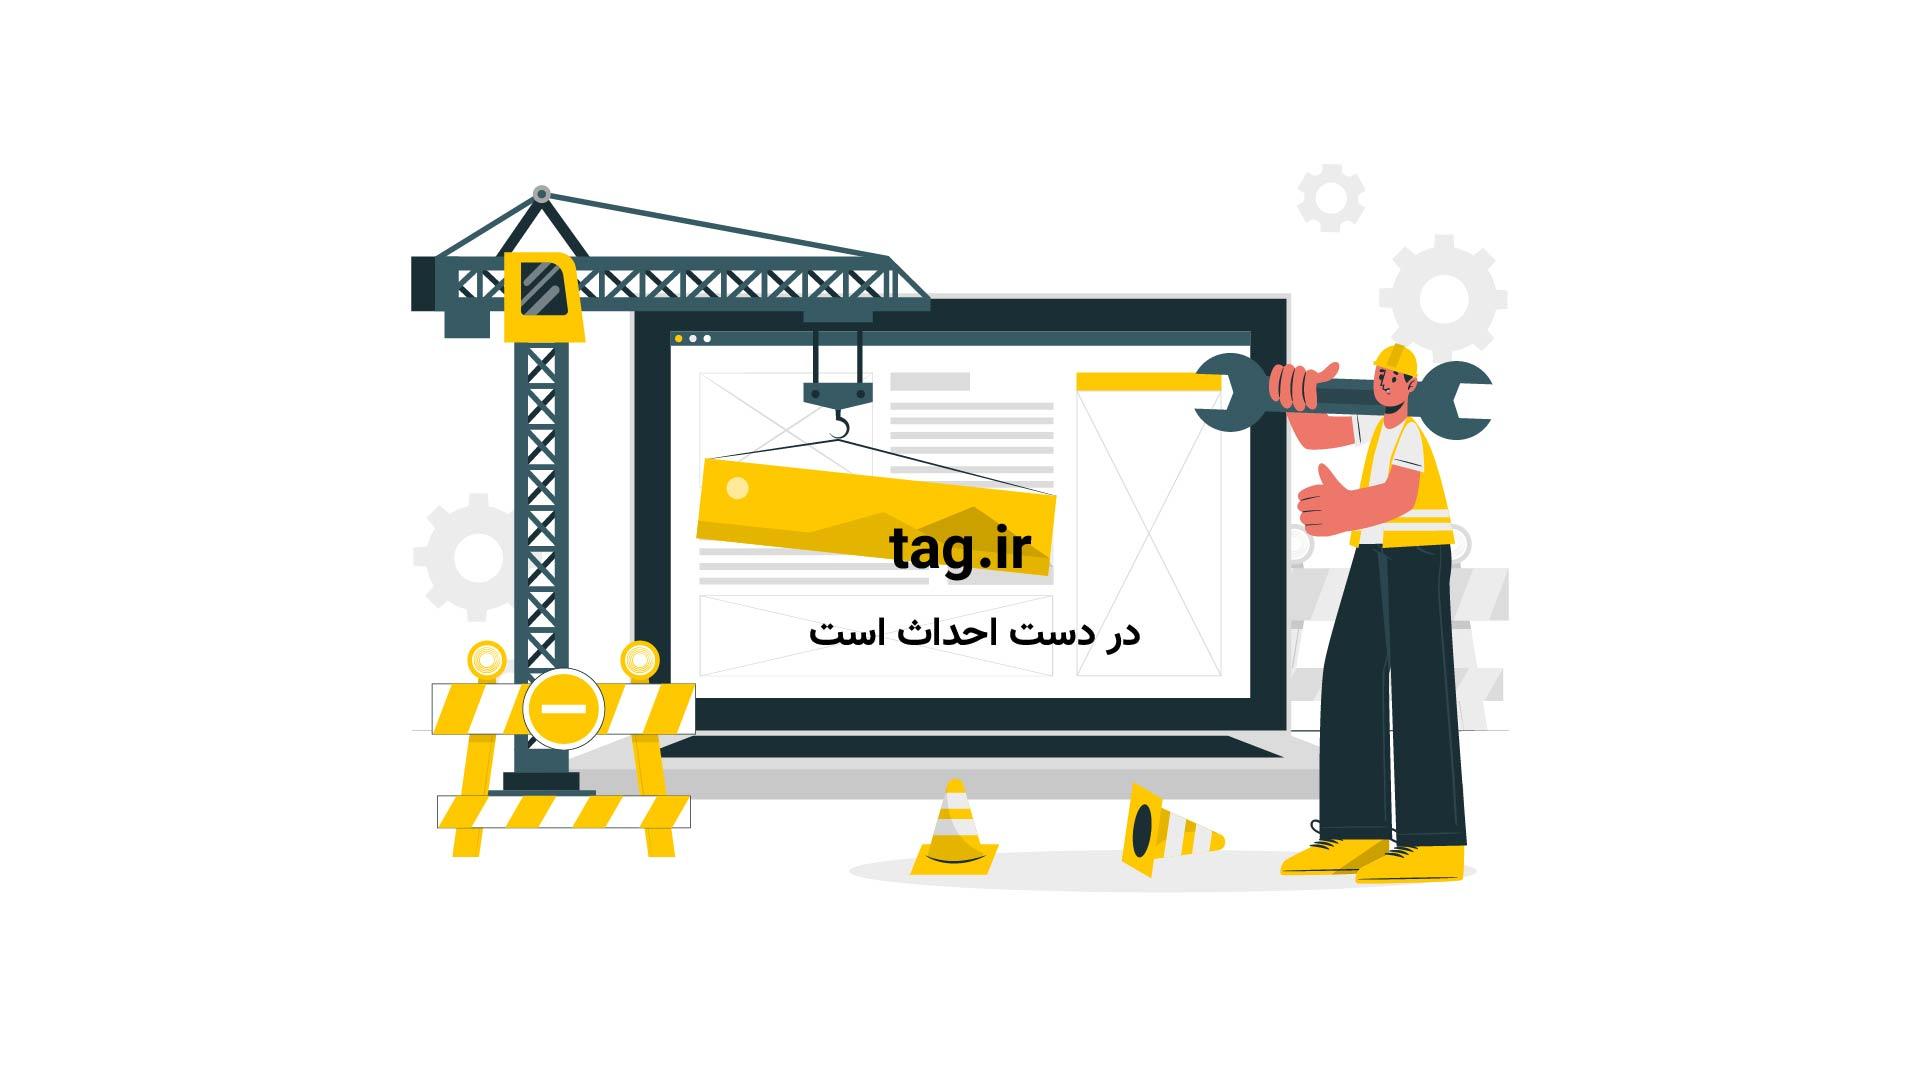 روزنامه ورزشی | تگ